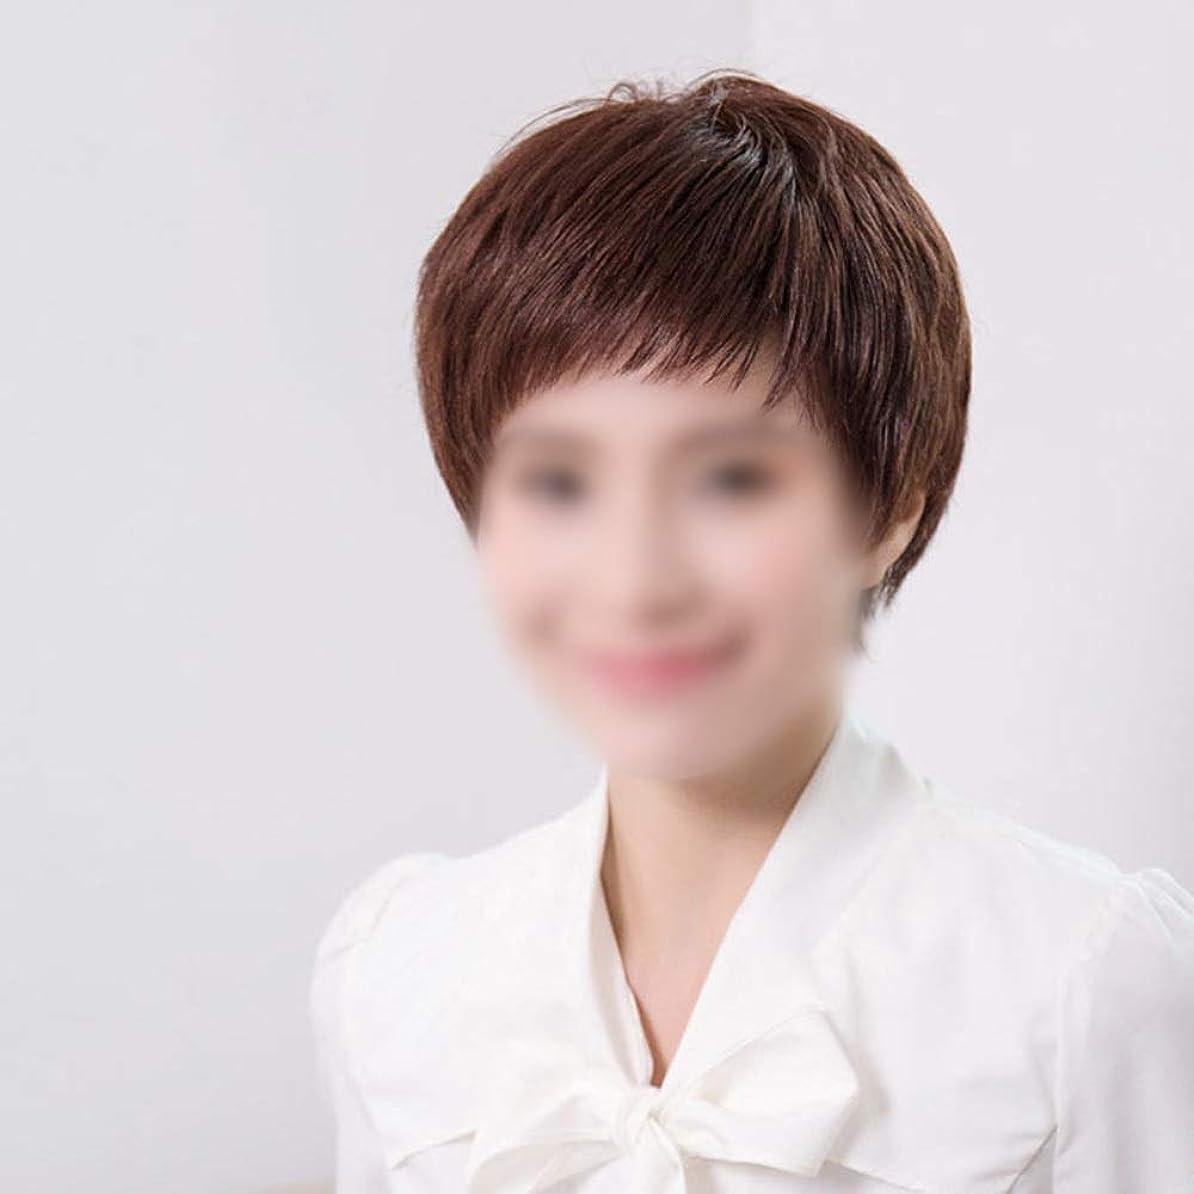 露骨なオアシス何YESONEEP 100%リアルヘアウィッグショートカーリーヘアーボブふわふわフェイスヘアファッションウィッグ用女性ファッションウィッグ (Color : Dark brown, Design : Mechanism)